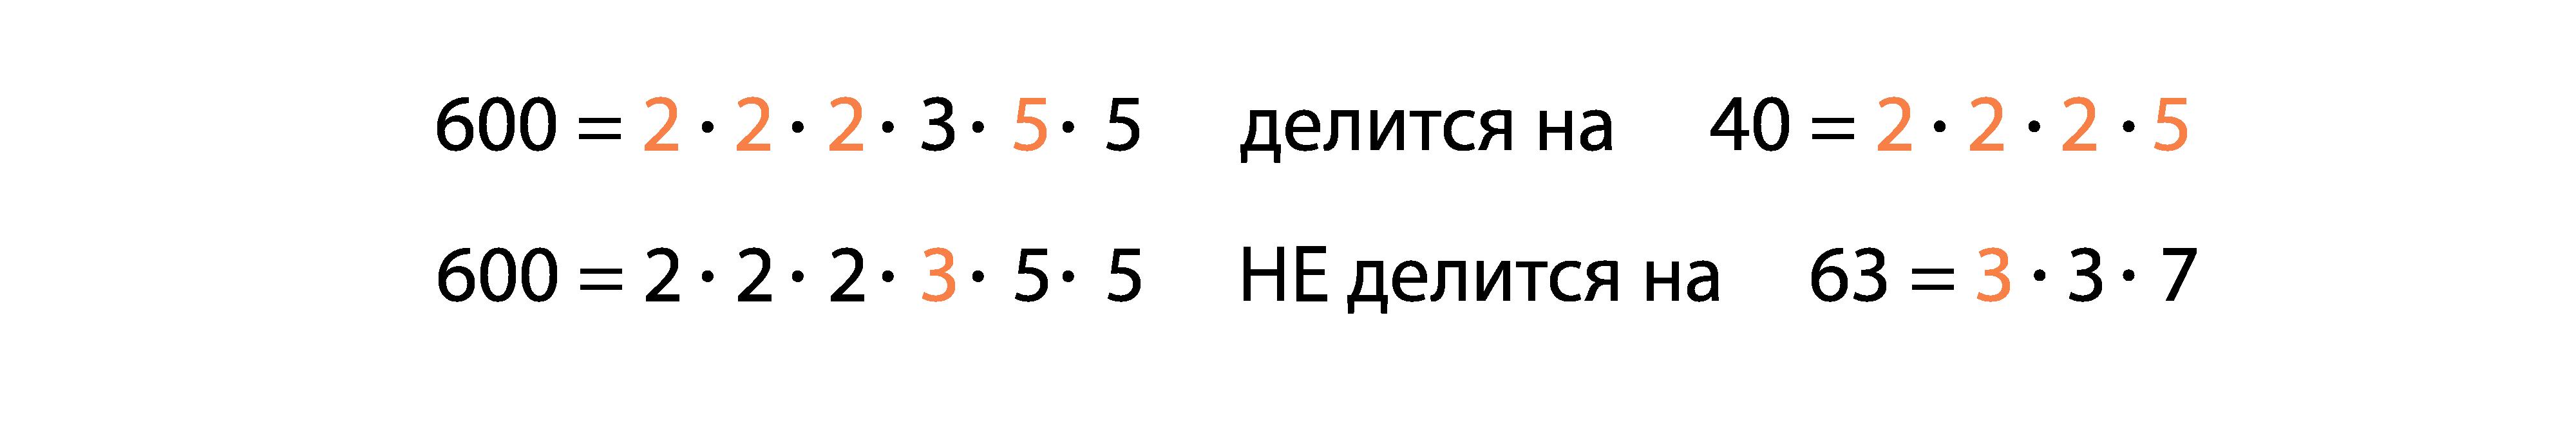 Составное натуральное число можно разделить без остатка